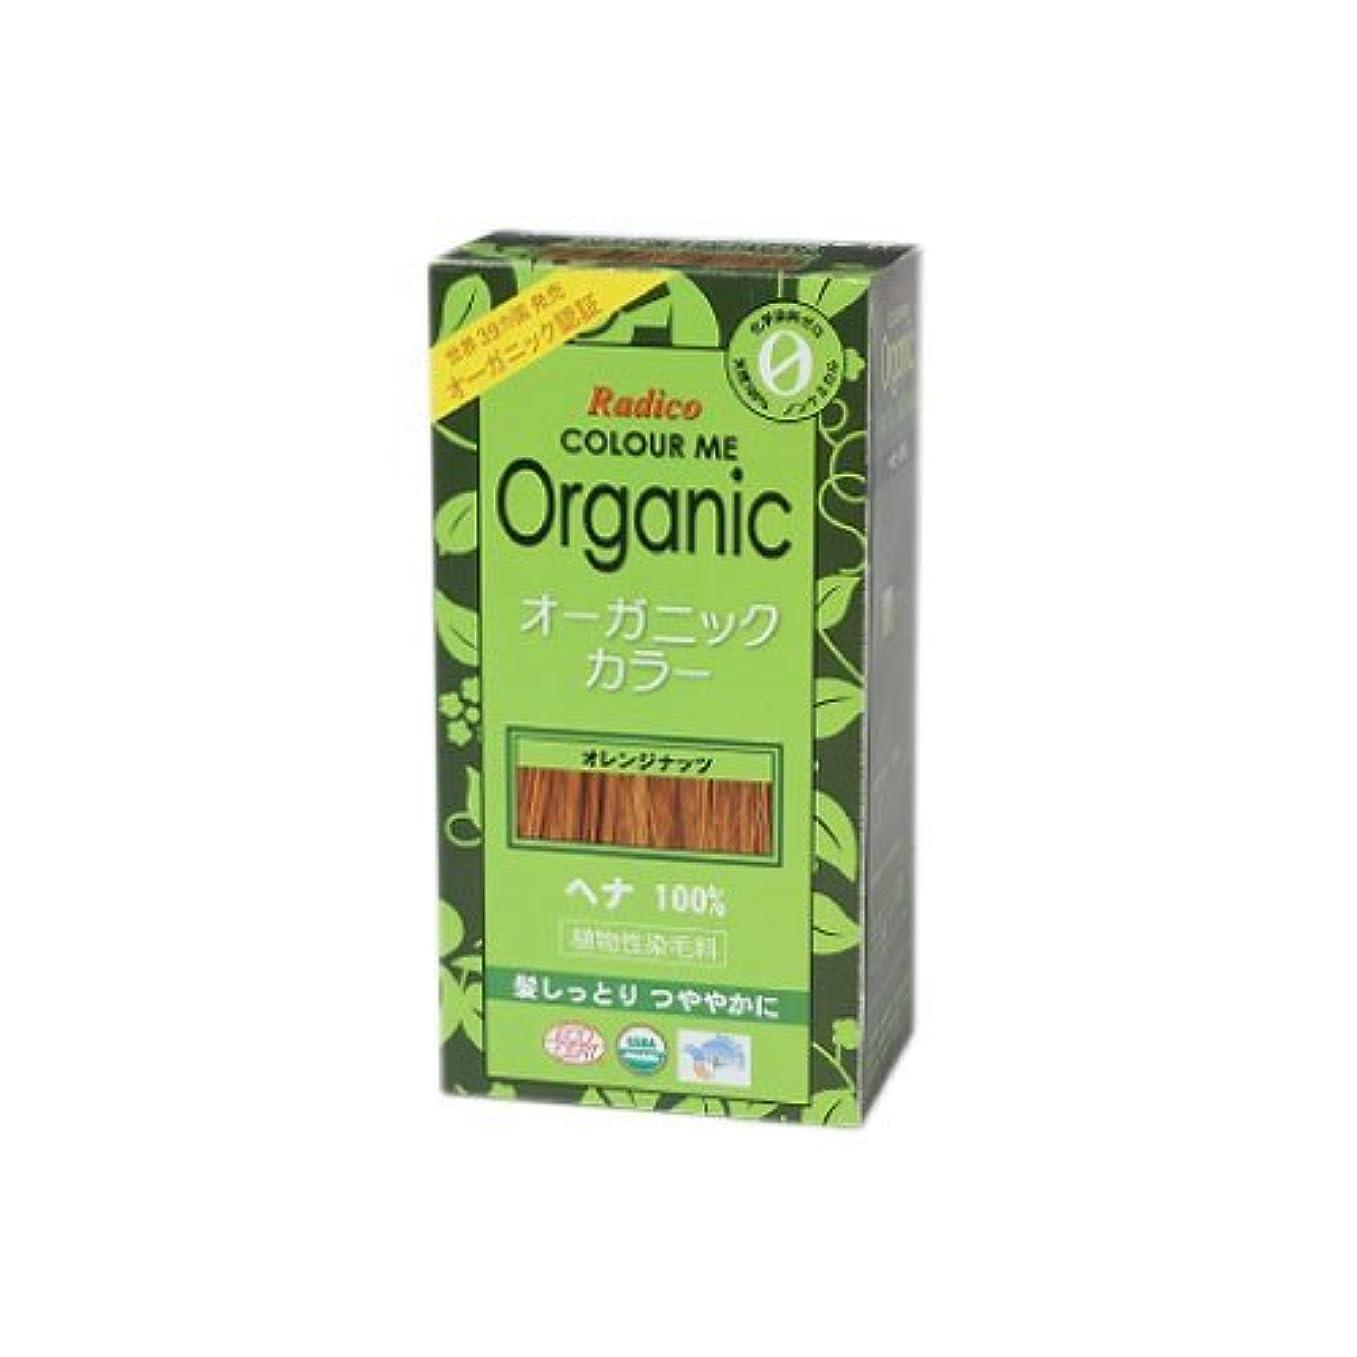 おとうさんモート原告COLOURME Organic (カラーミーオーガニック ヘナ 白髪用) オレンジナッツ 100g